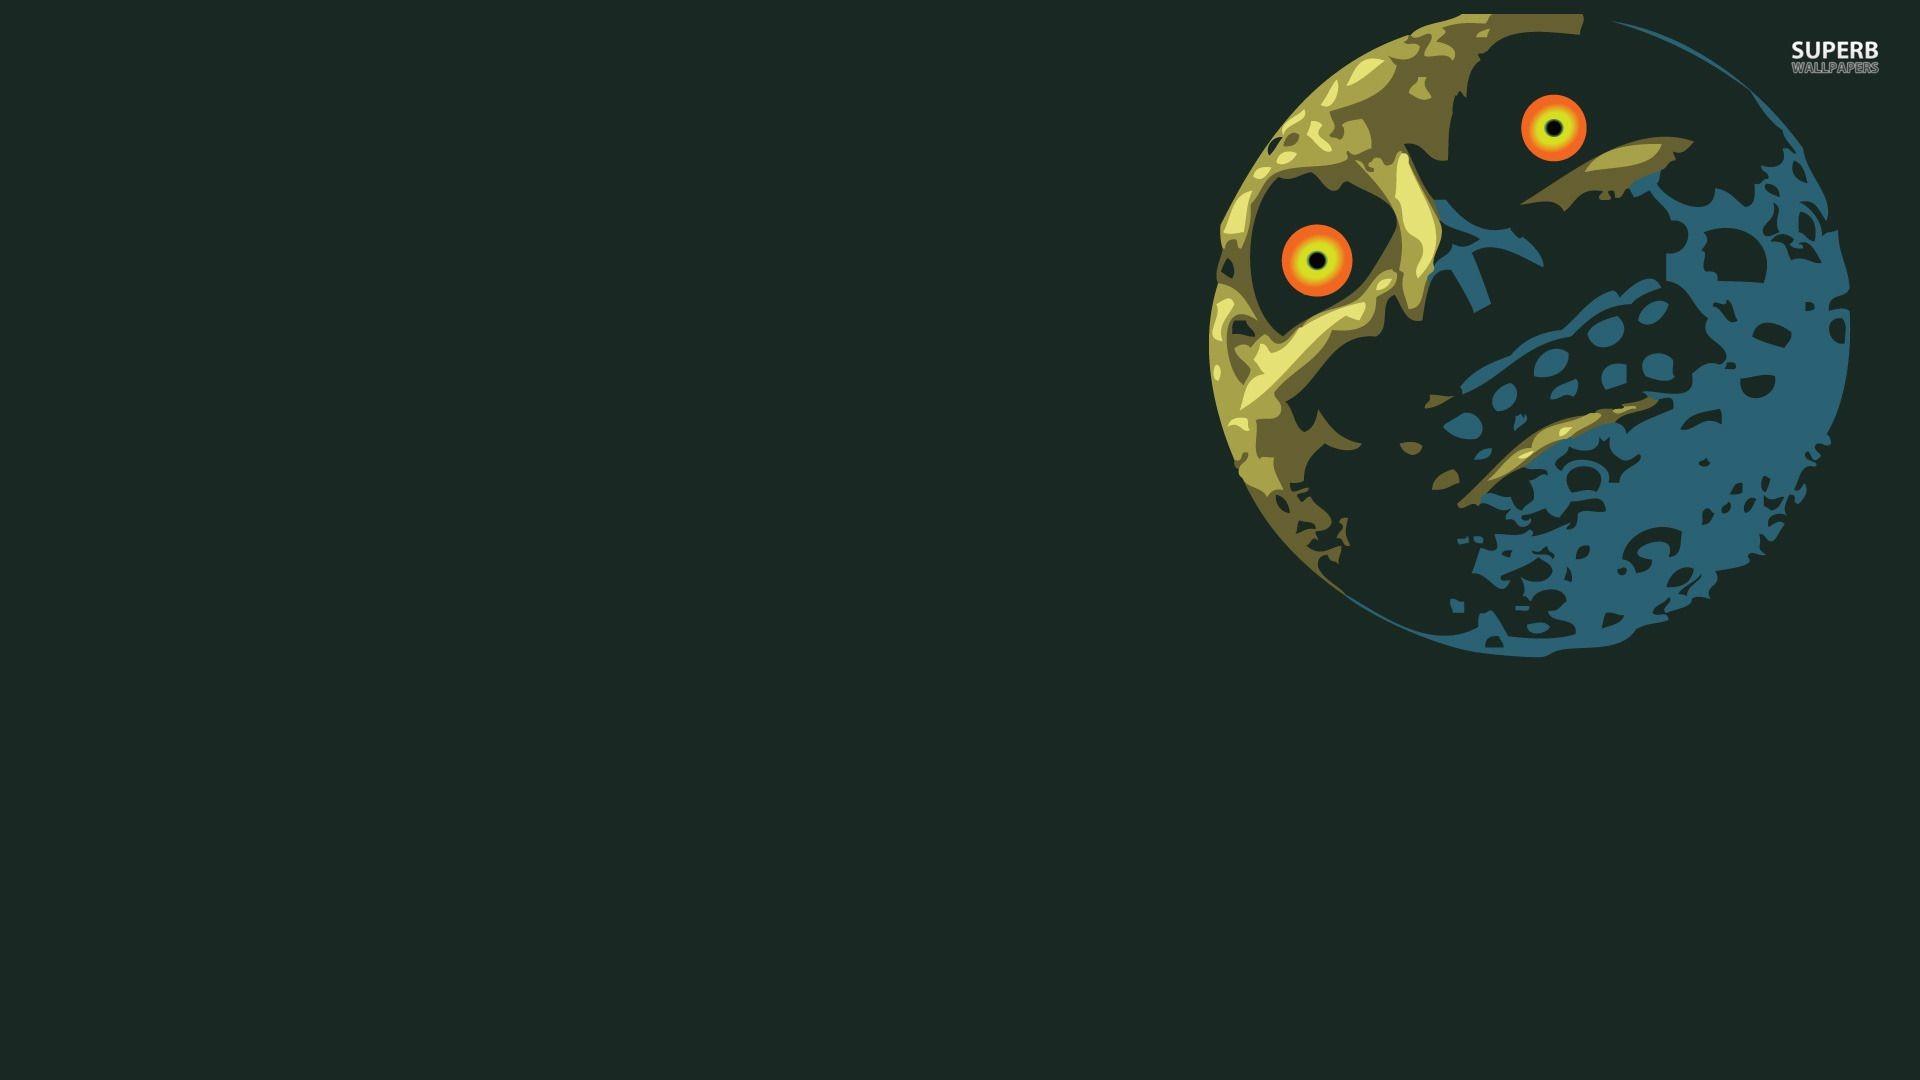 moon-the-legend-of-zelda-majora-s-mask-